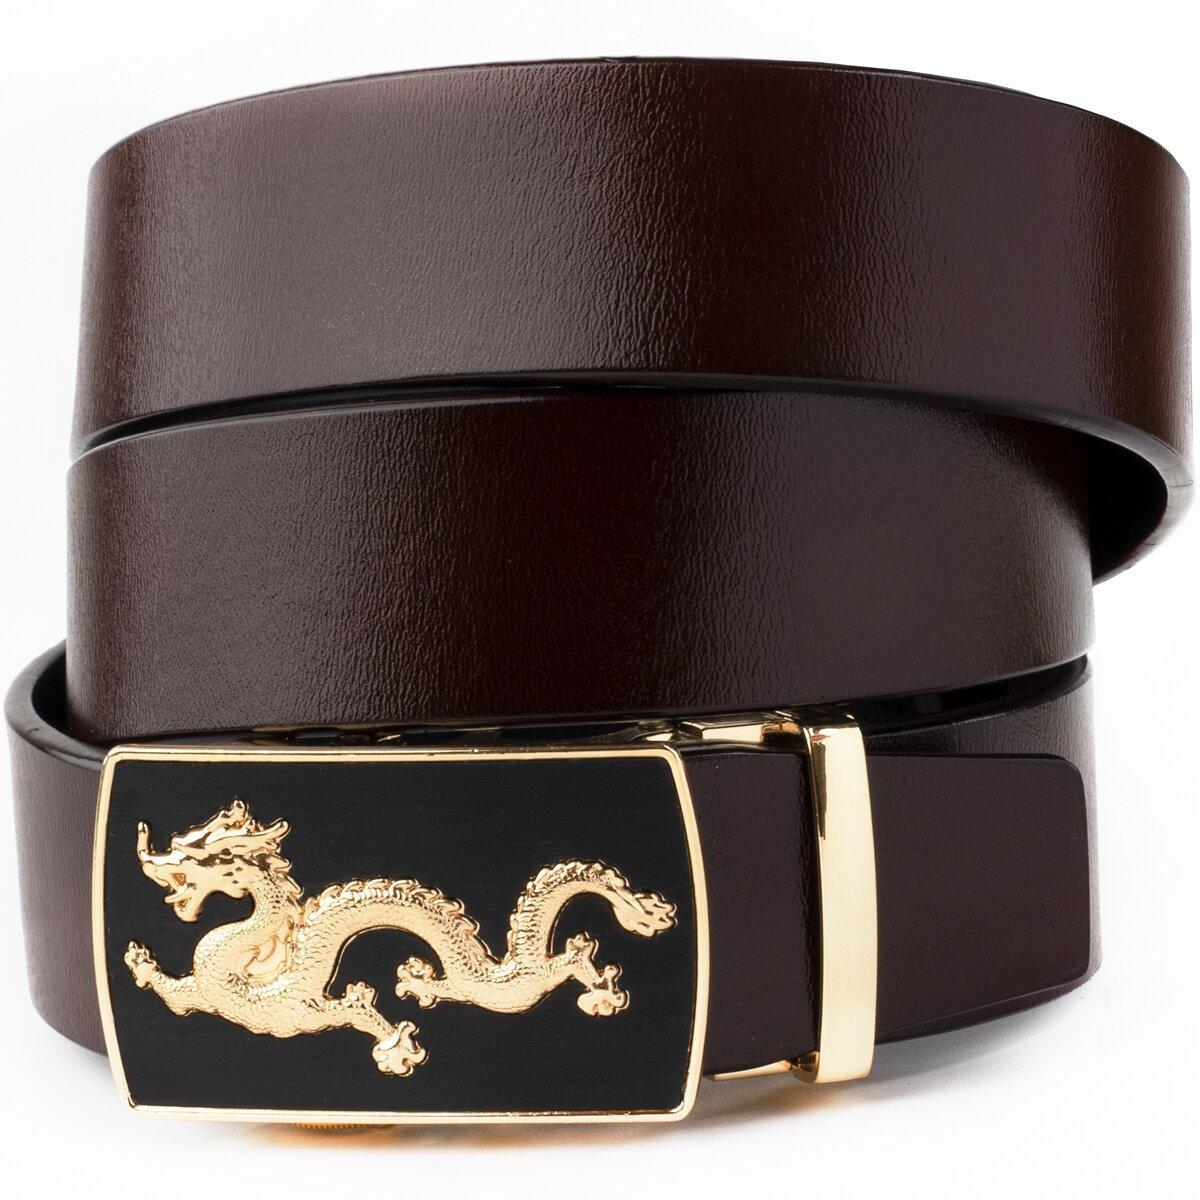 Ремінь чоловічий золотий дракон Vintage 20259 Коричневий